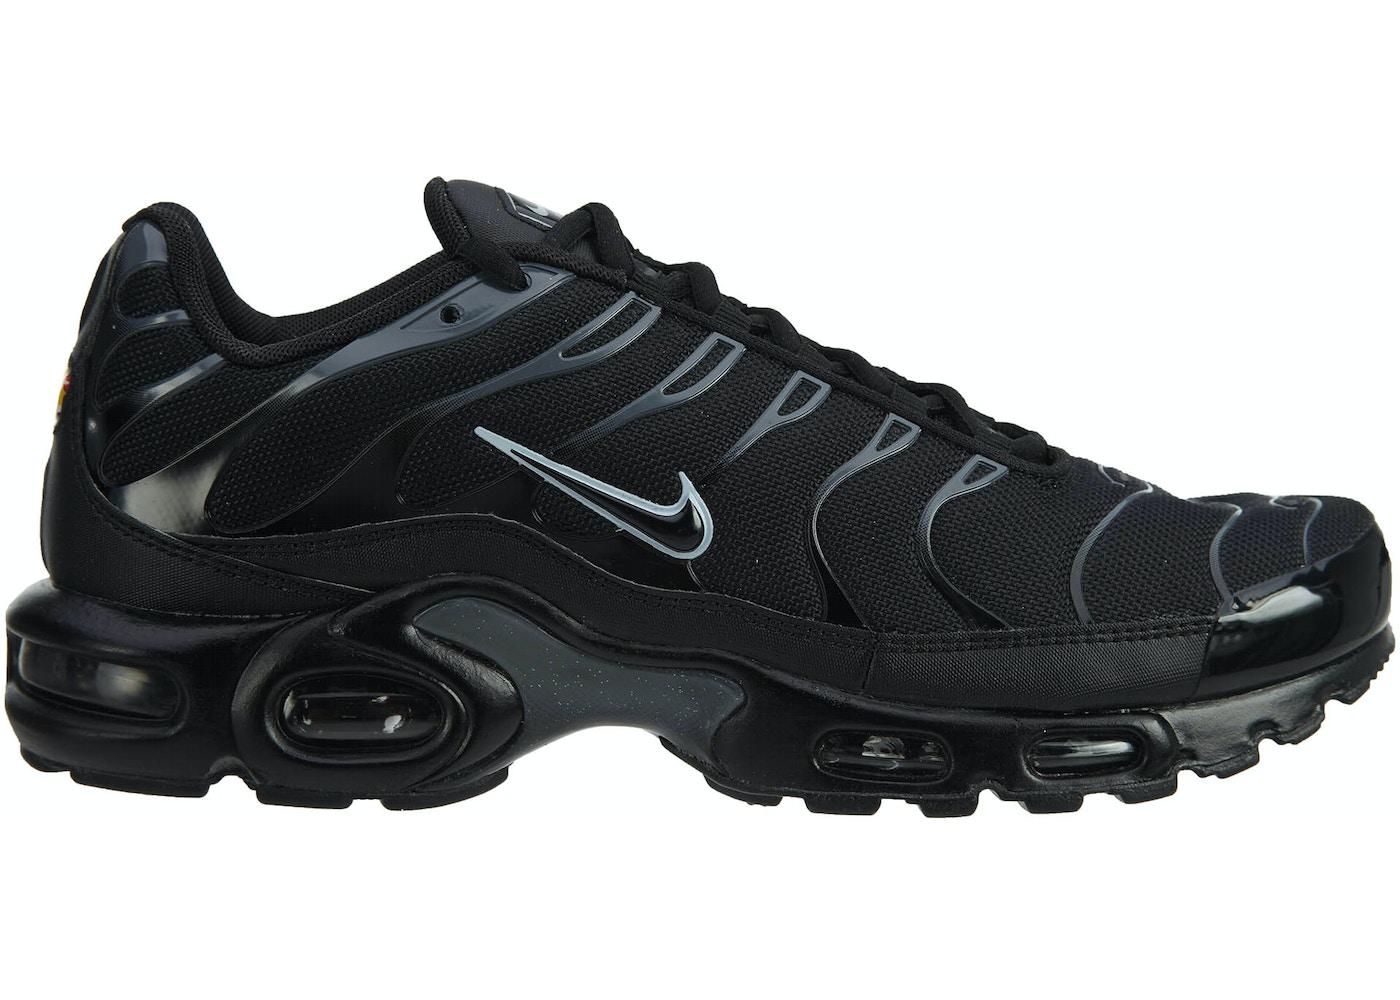 728f465da5a Nike Air Max Plus Black Black Pure Platinum - 852630-011